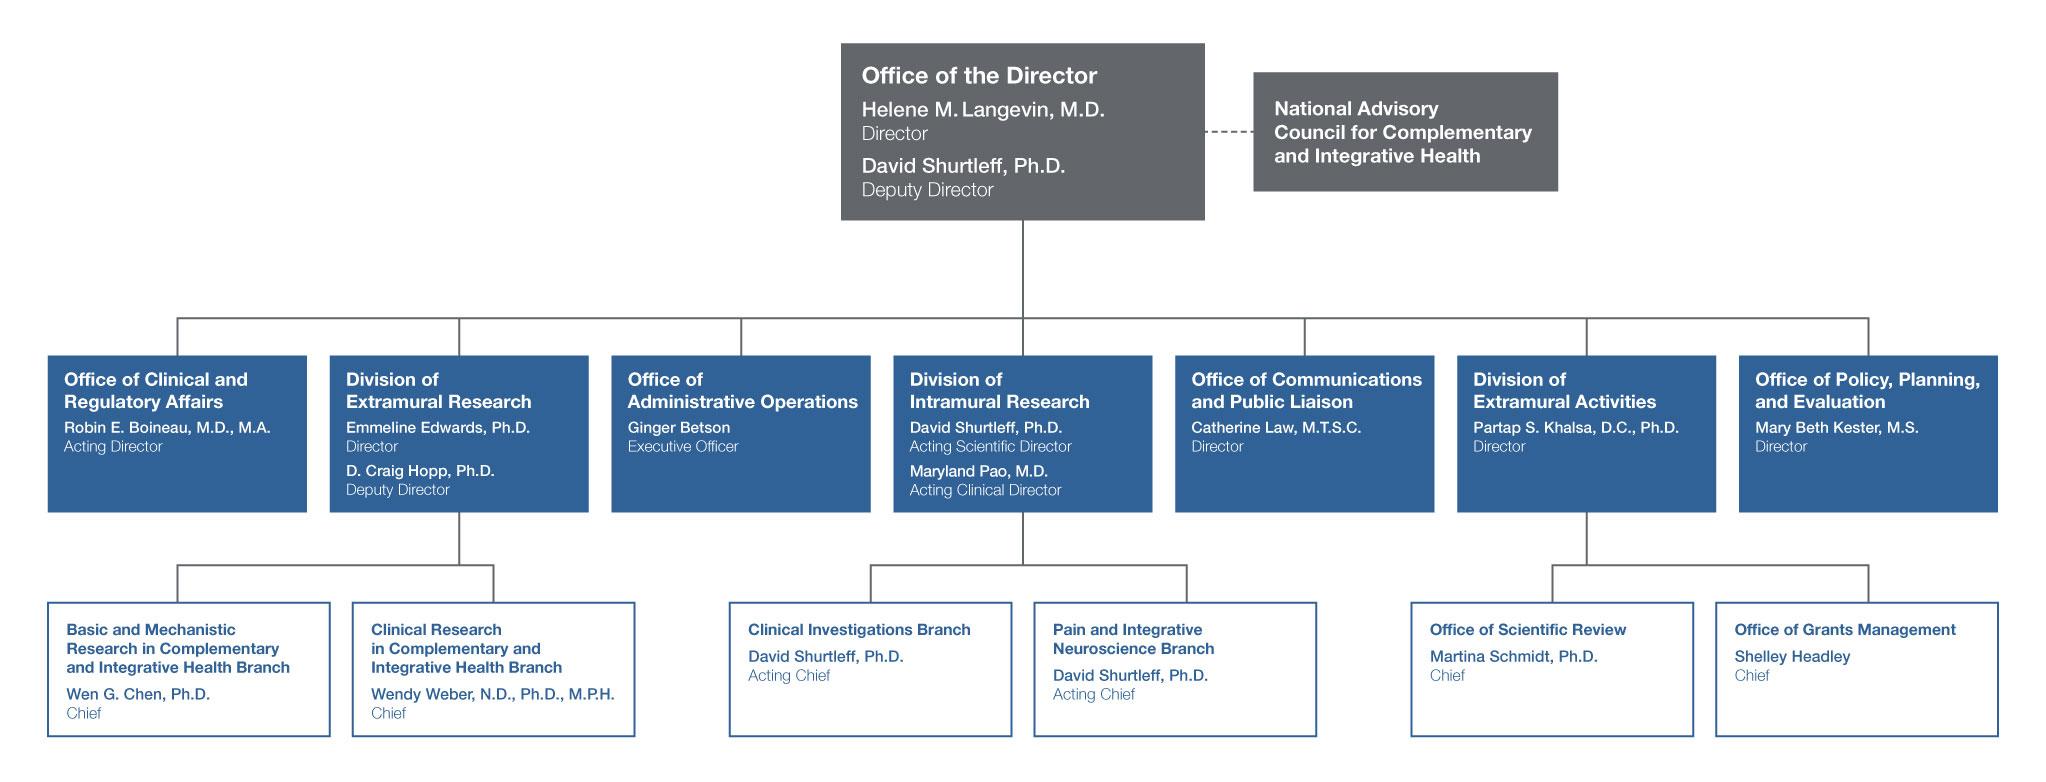 2022 Organizational Chart